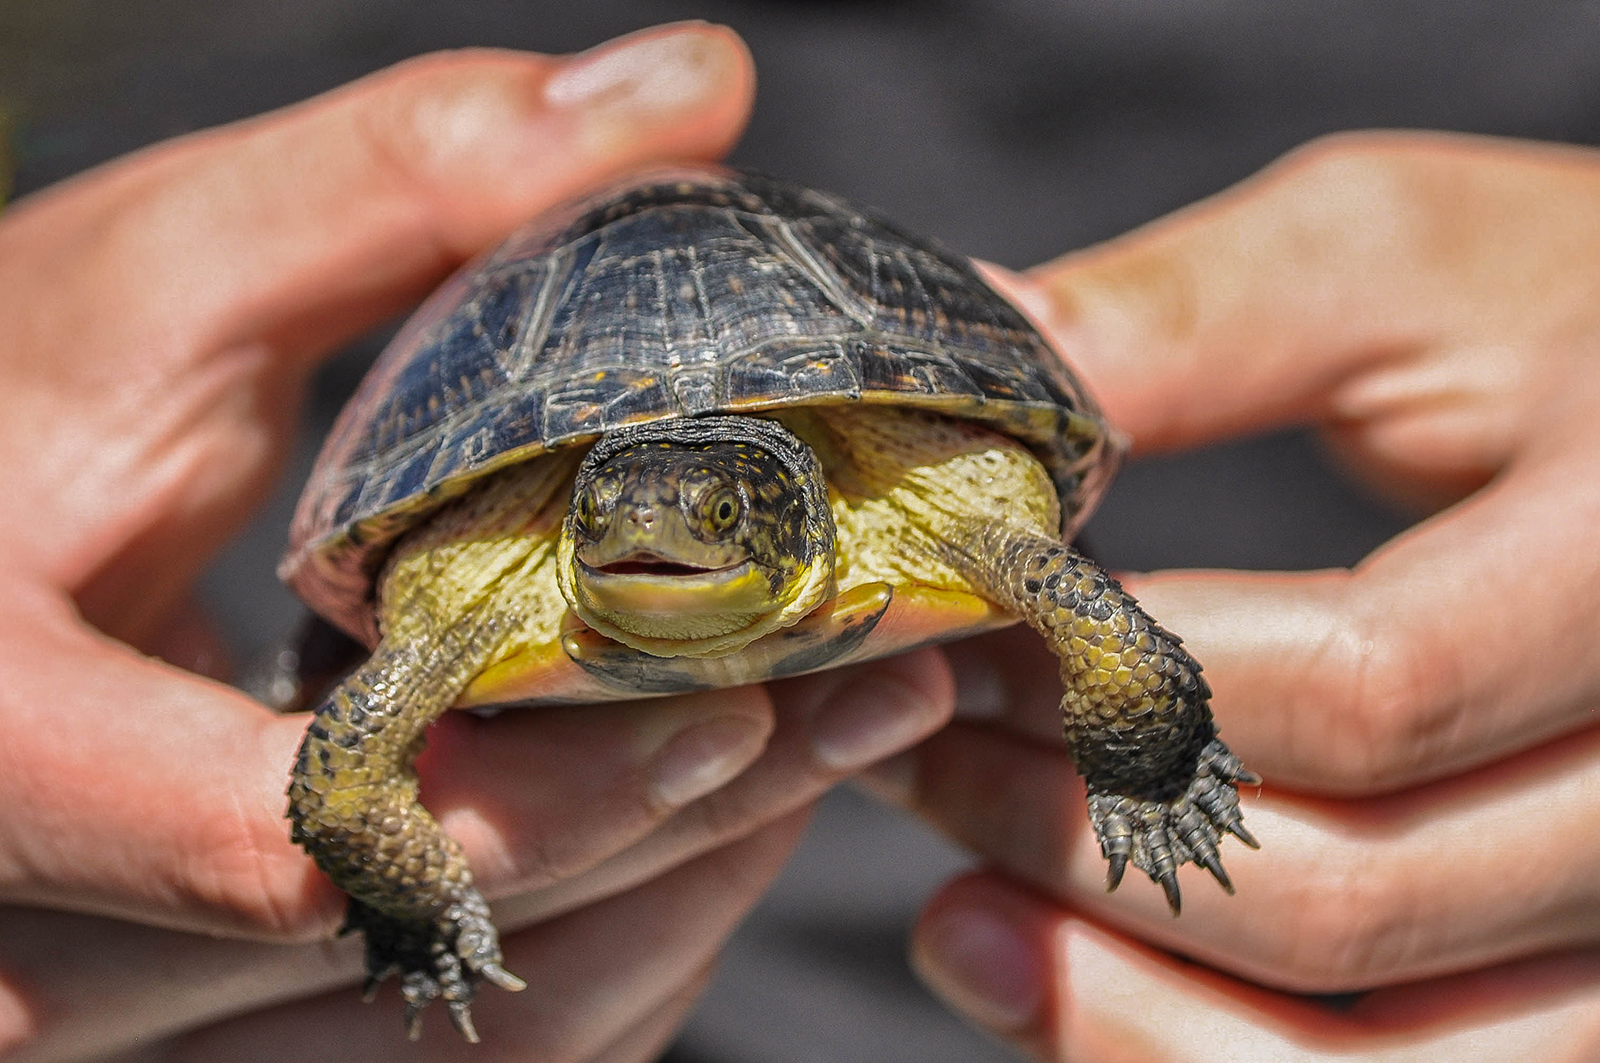 A juvenile blanding's turtle